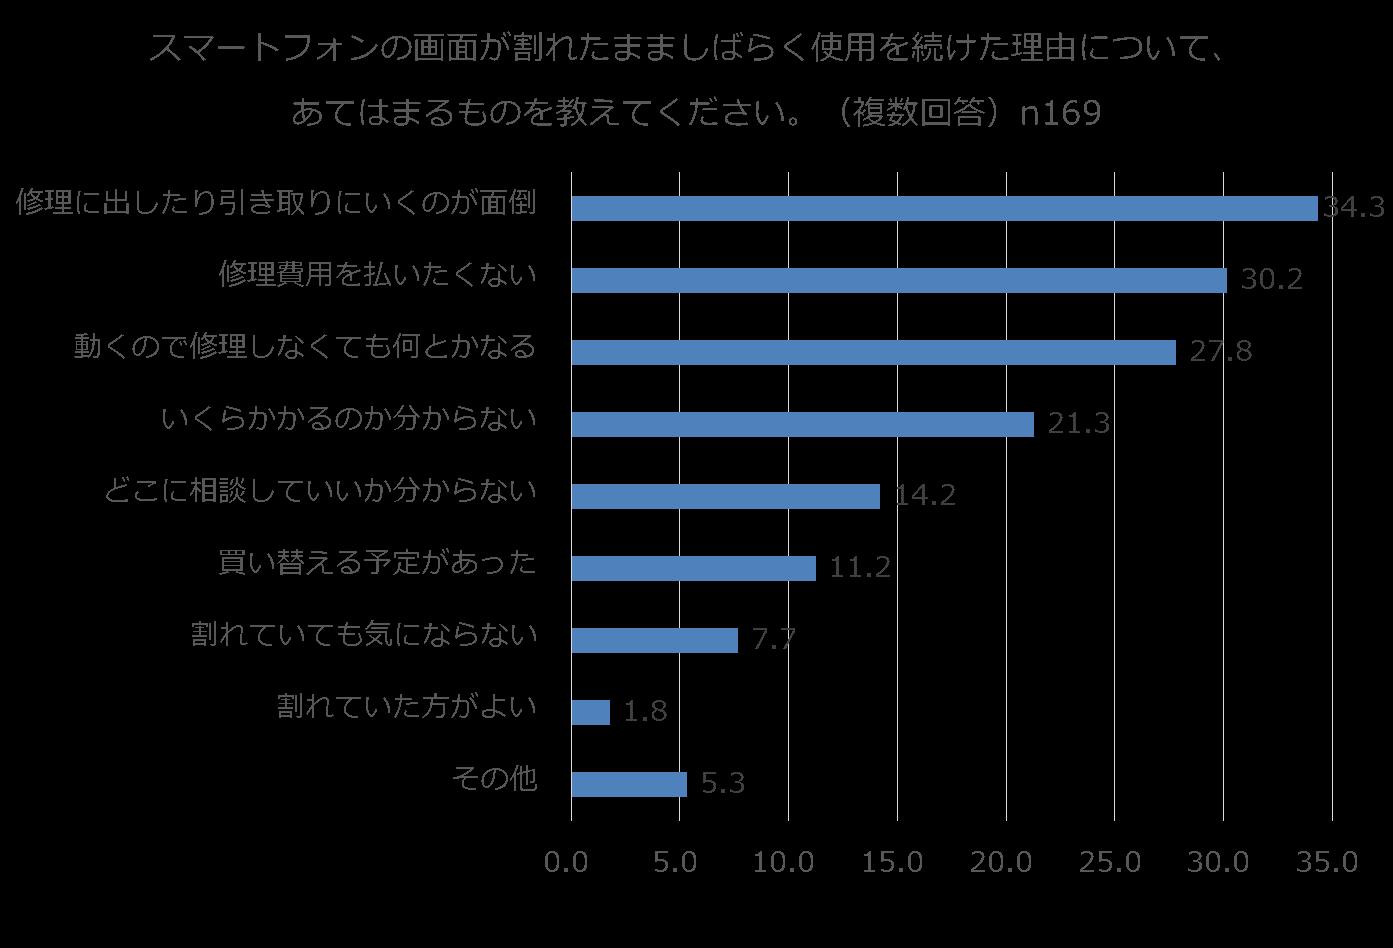 %e7%94%bb%e9%9d%a2%e5%89%b2%e3%82%8c_%e7%90%86%e7%94%b1